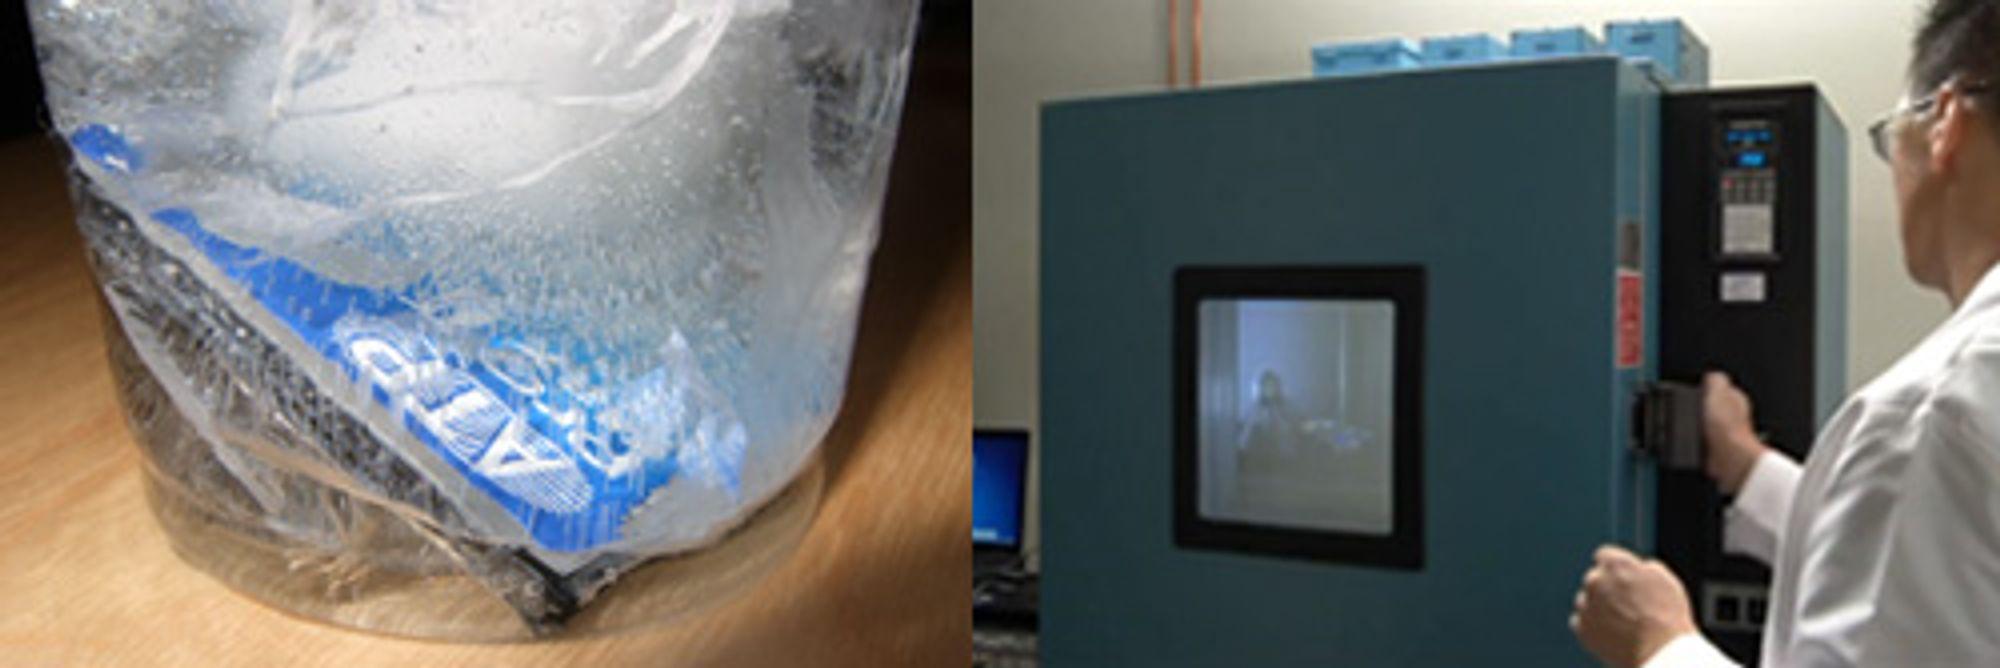 Akam og Lexar tester kuldeutholdenhet på litt forskjellige måter.